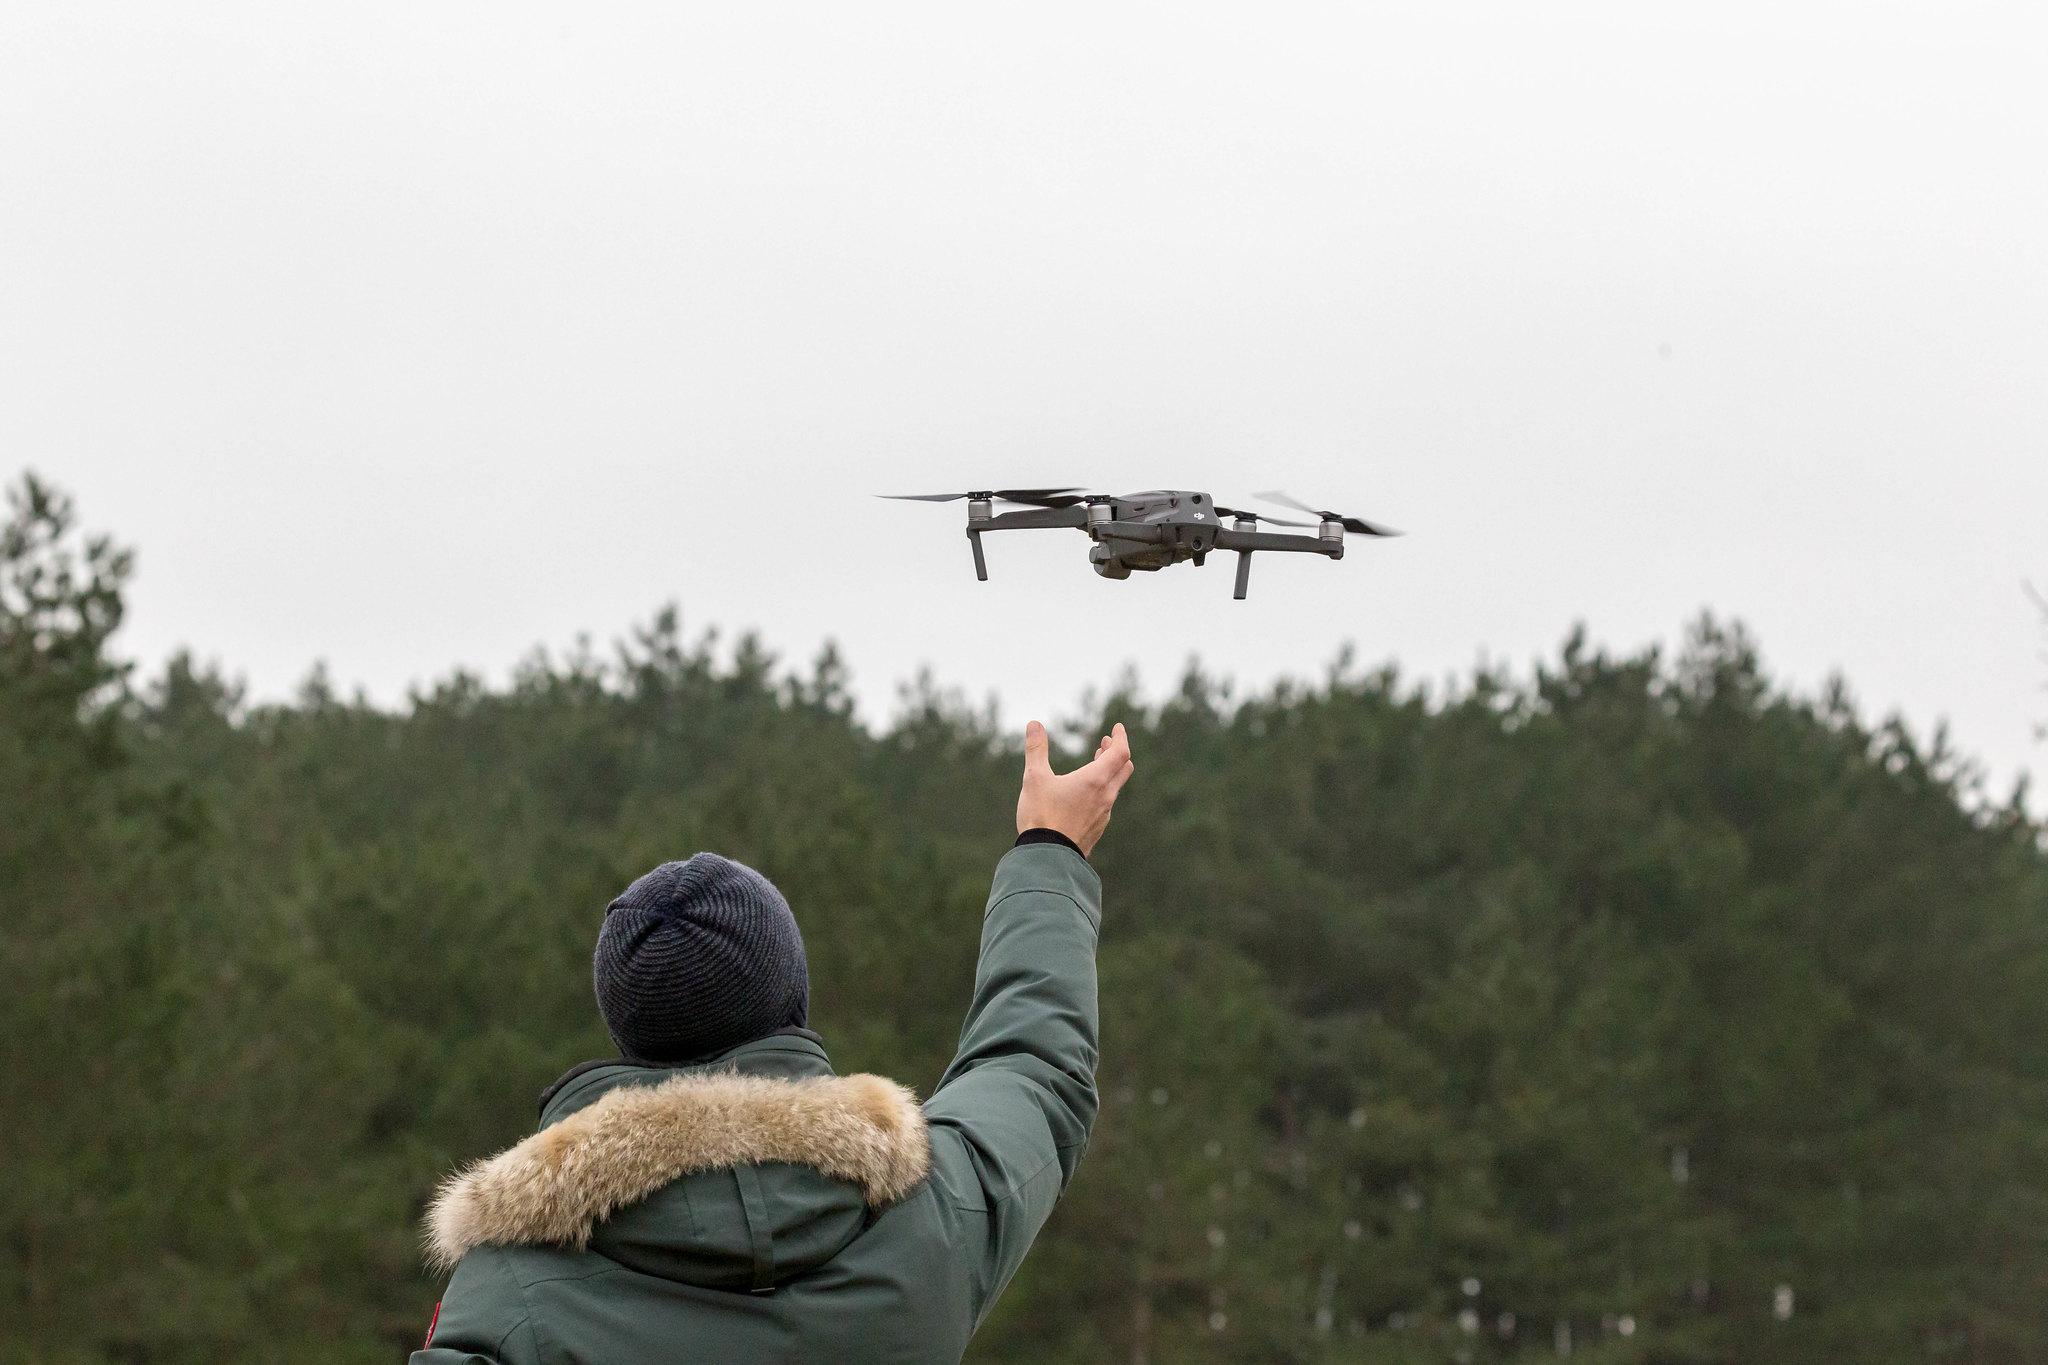 """Photo by Marco Verch/Creative Commons 2.0 """"Pilotar drones é um dos novos hobbies tecnológicos"""""""